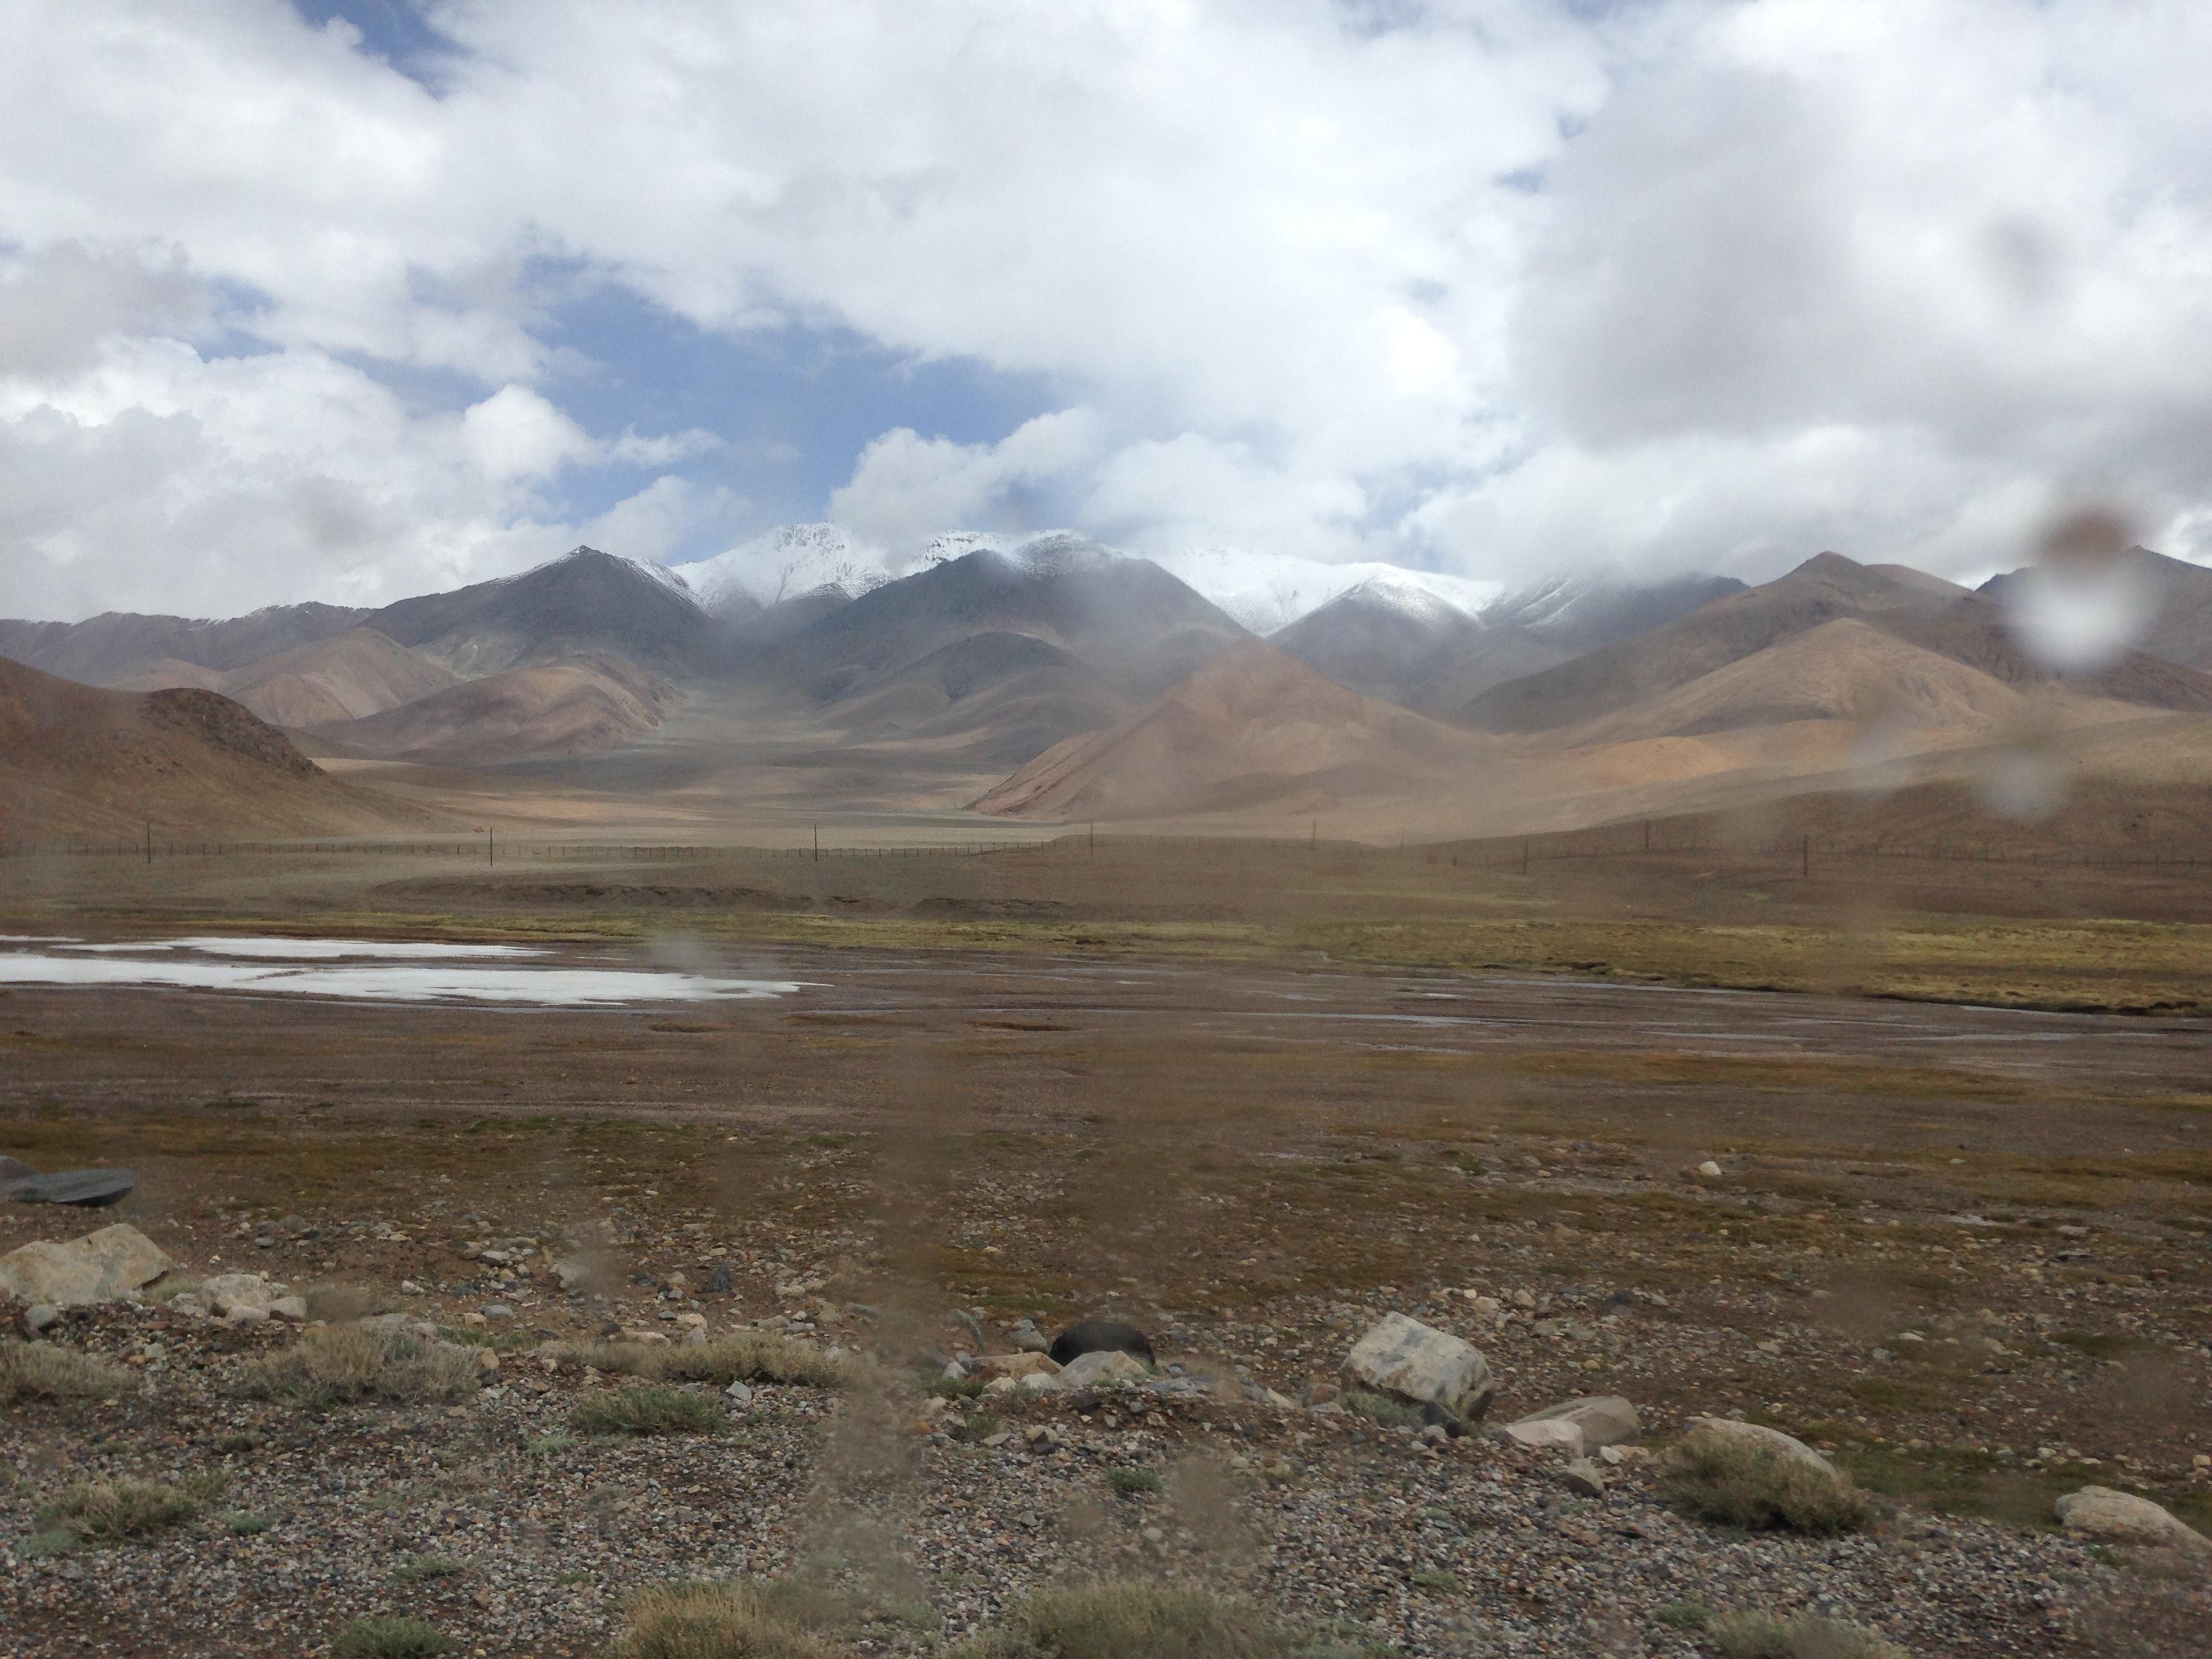 タジキスタン,キルギス,国境越え,シェアタクシー,世界一周,旅,ブログ,ワハーン,オシュ